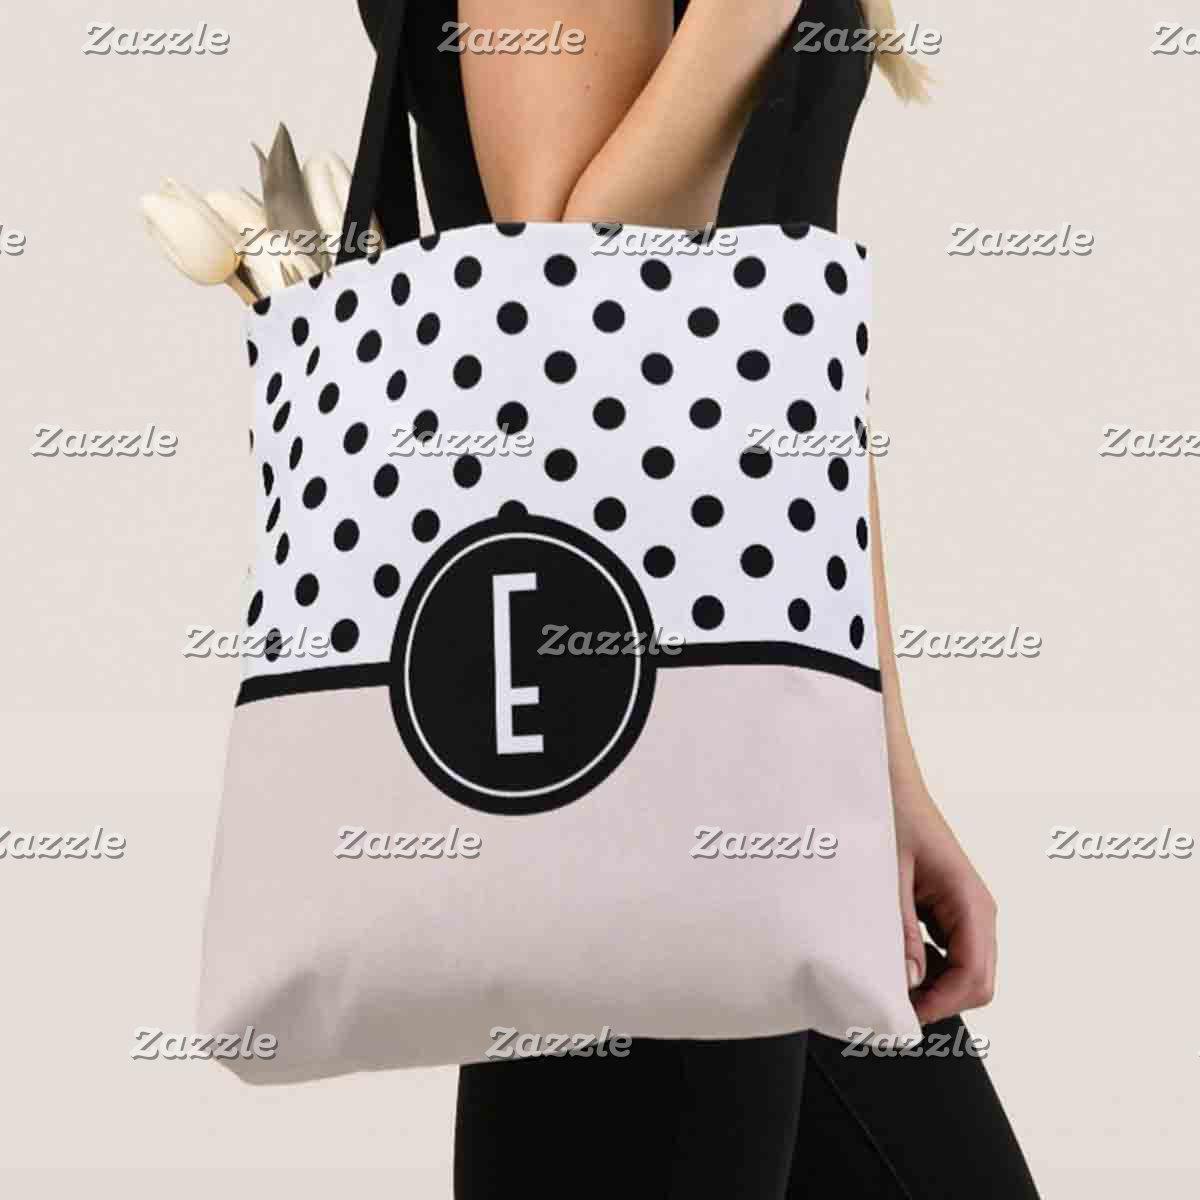 Fashions for Women